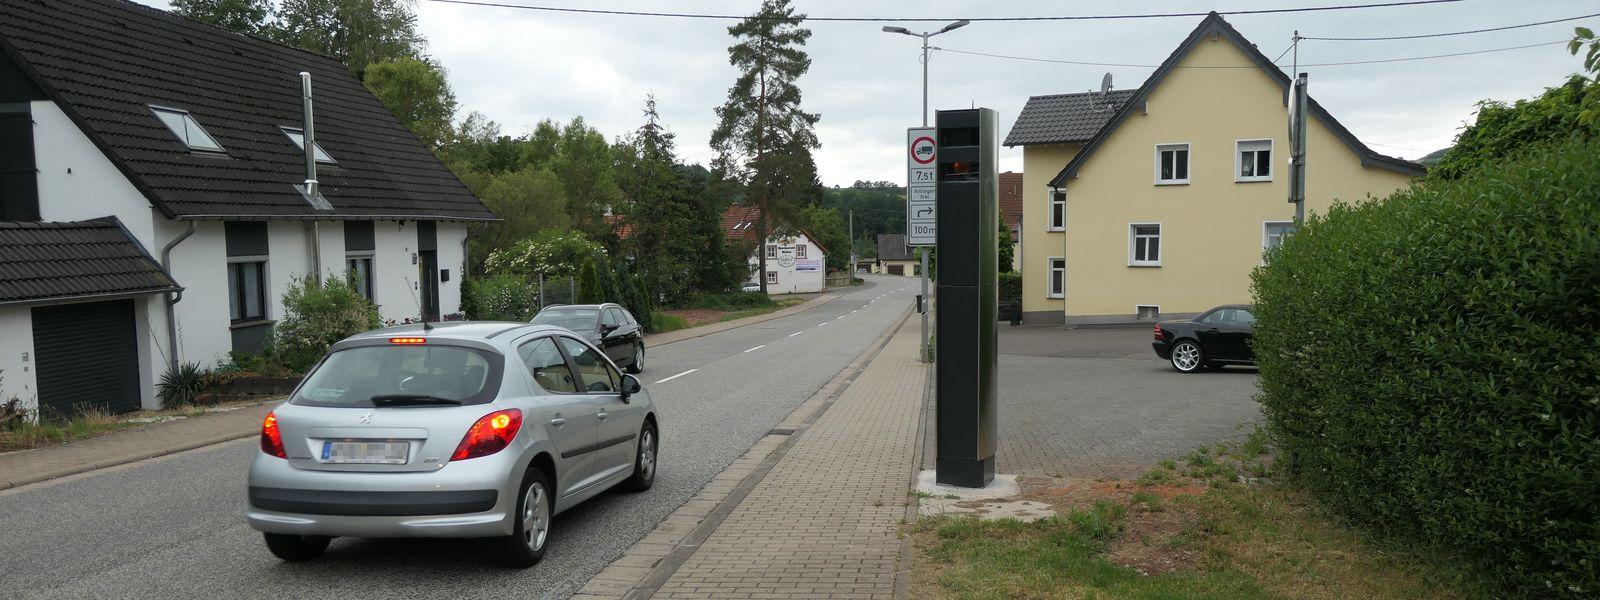 Neue TraffiStar S 330-Blitzer in Wadern (Kastelerstraße, Höhe Feuerwehr und Löstertal, Nonnweilerstraße): Verteidigung gegen Bußgeldbescheid möglich?